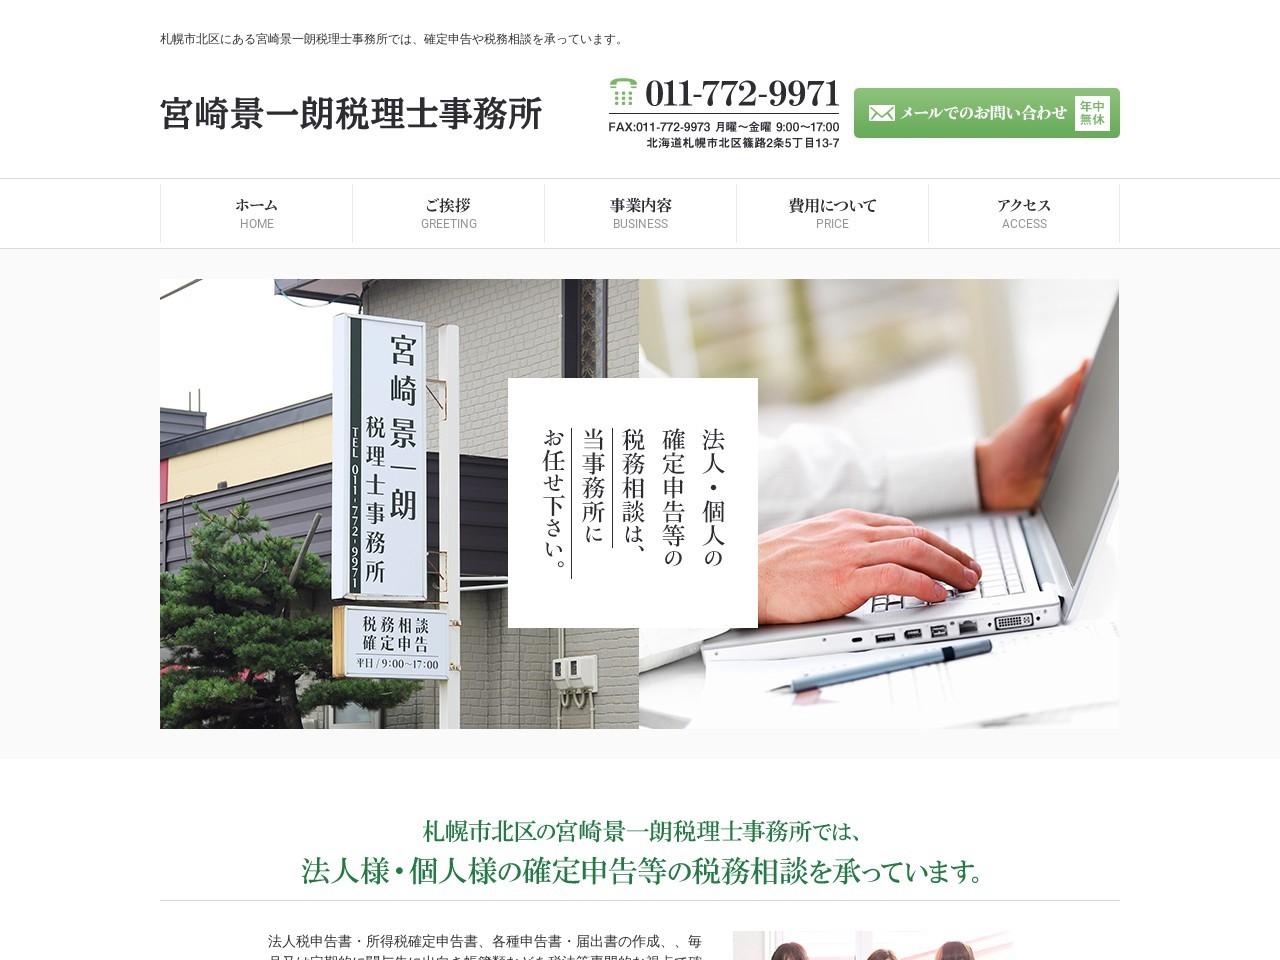 宮崎景一朗税理士事務所